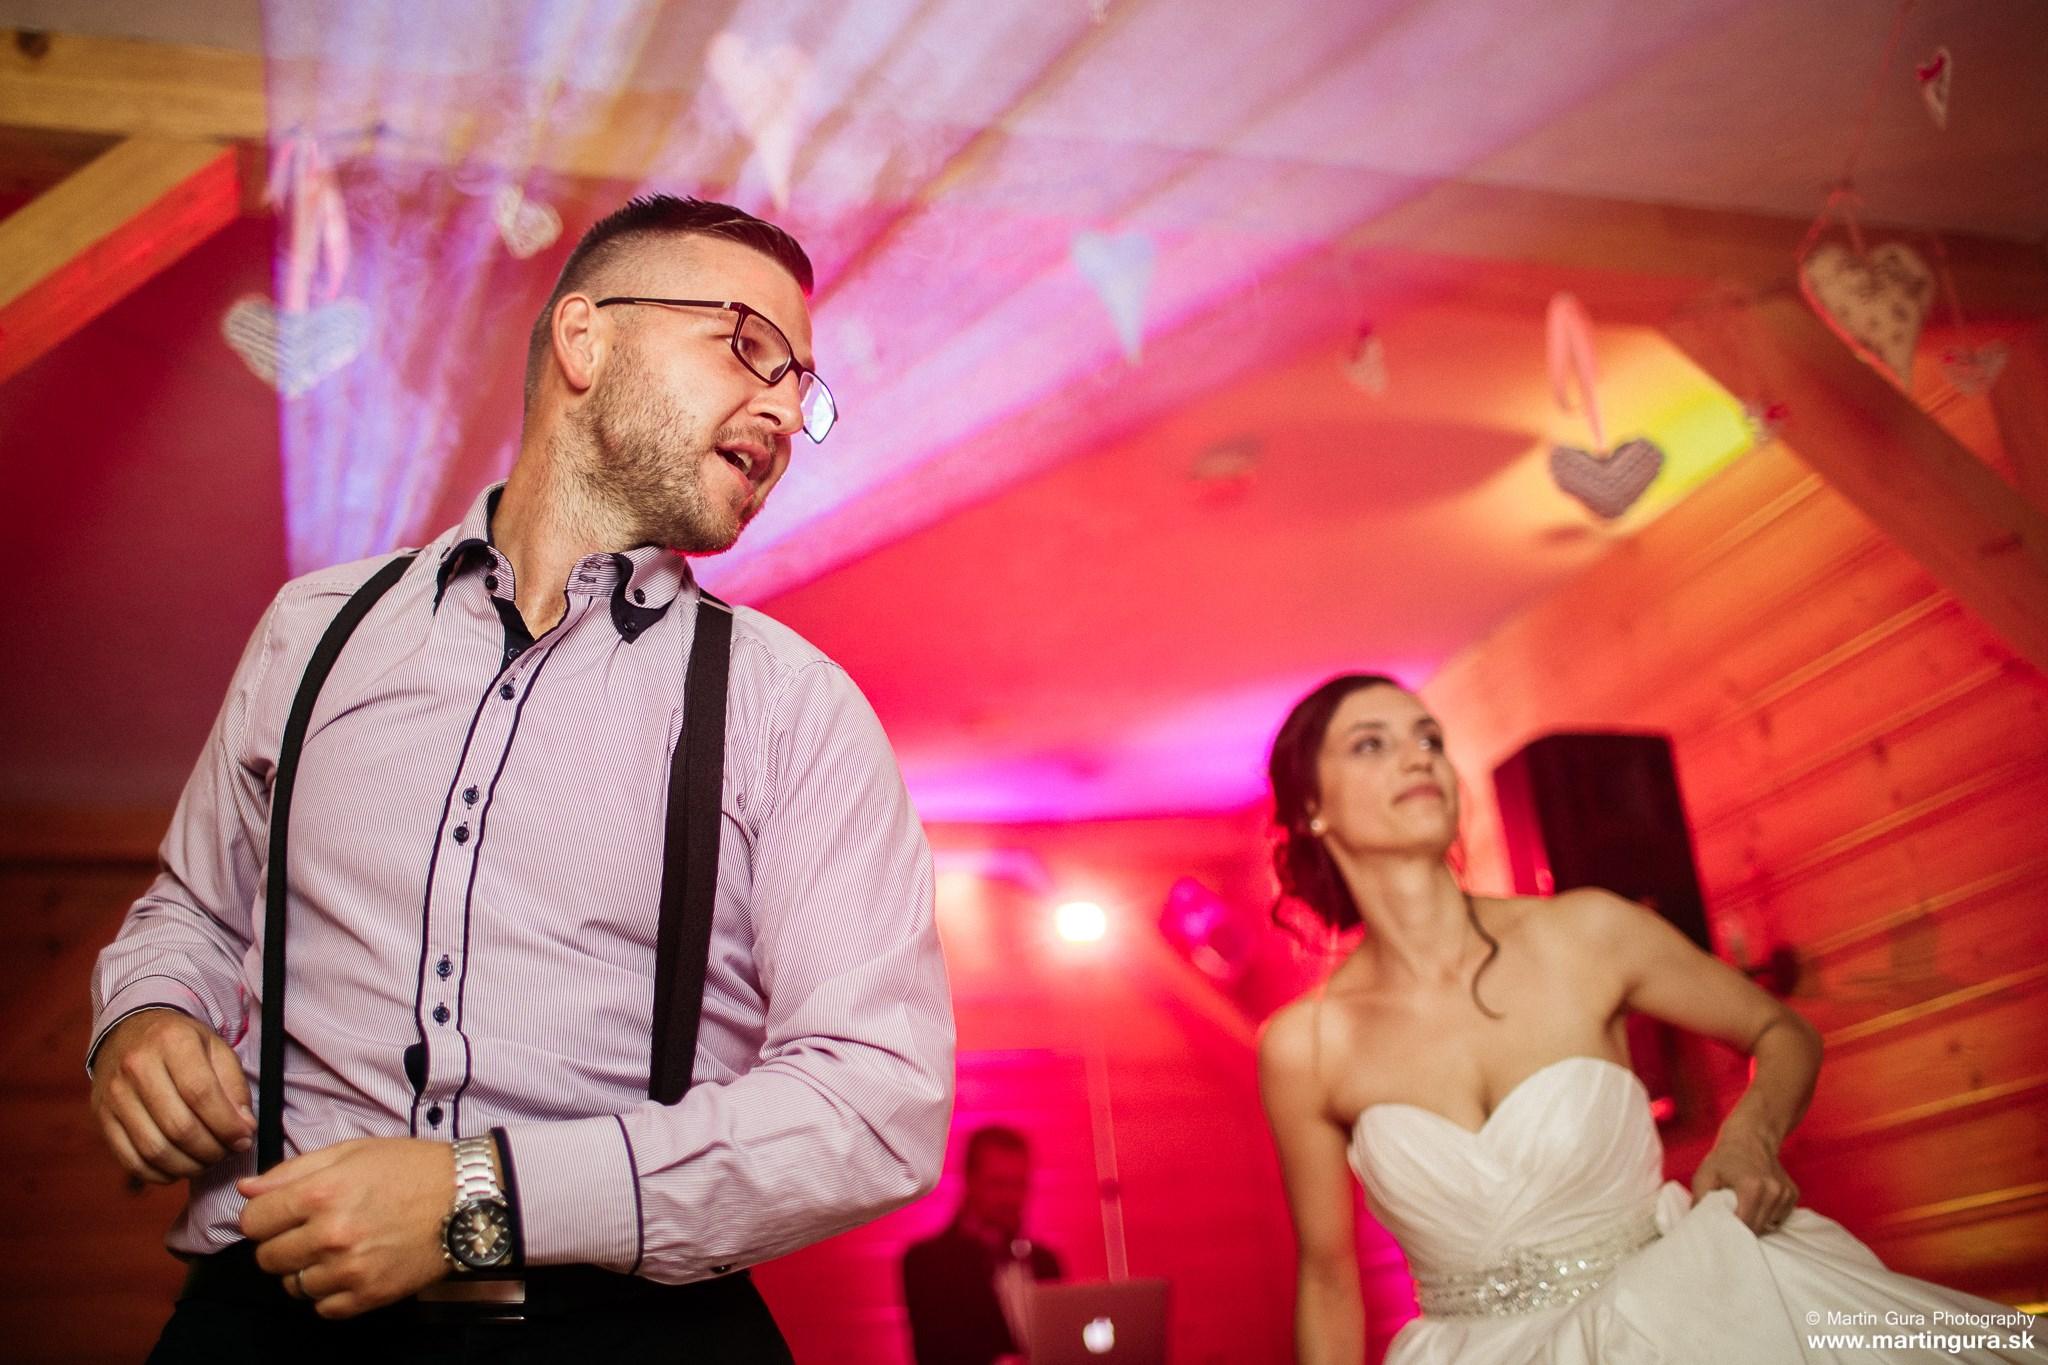 Svadba Demänovská dolina, Koliba Bystrina 03 #svadobnyDJ, #djanasvadbu, #svadba, #svadbademanovskadolina, #kolibabystrina